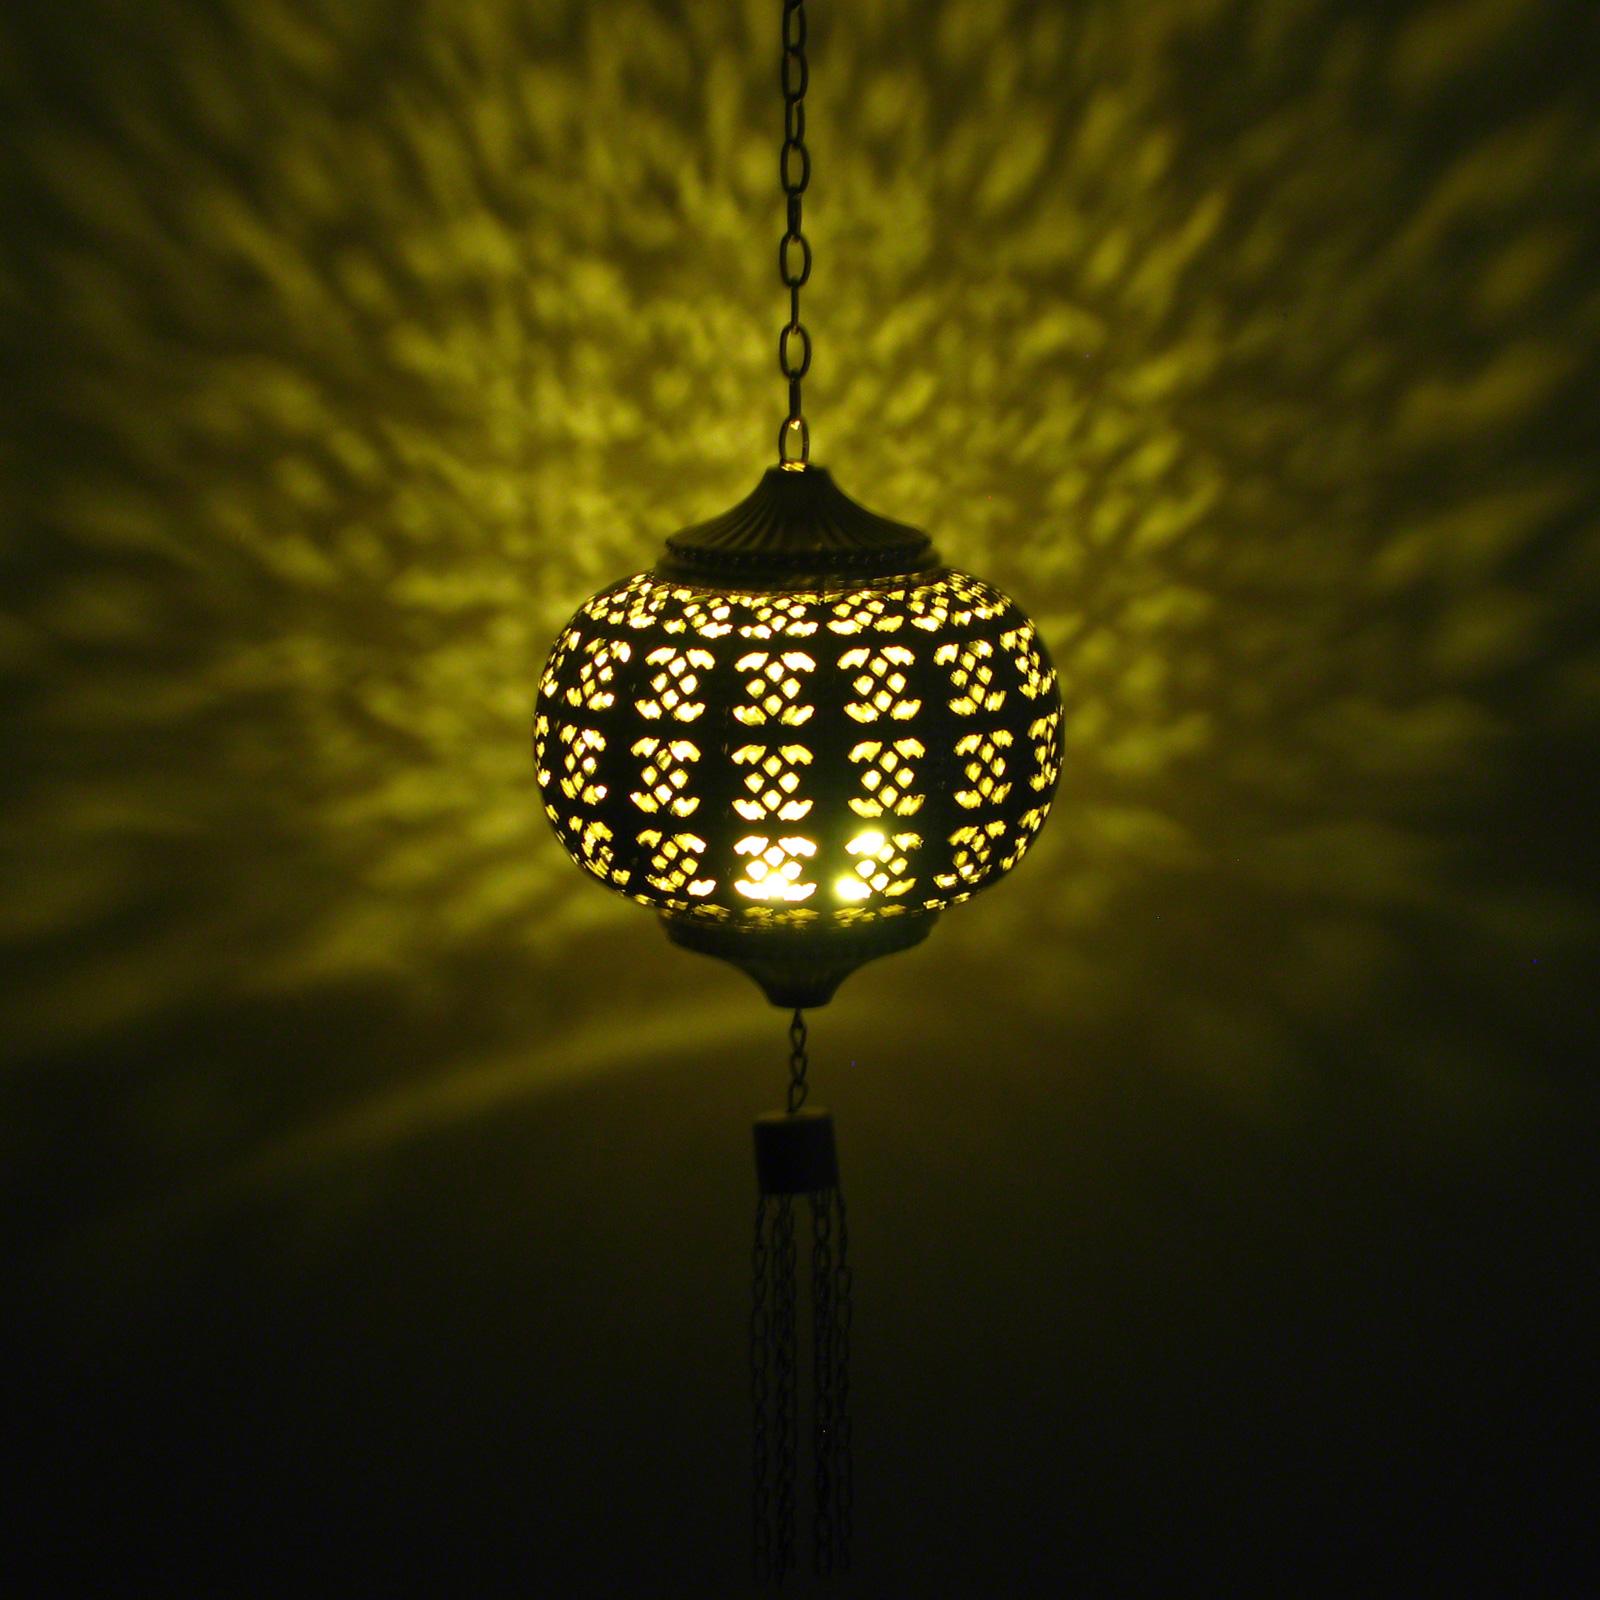 Filigree Hanging Lantern